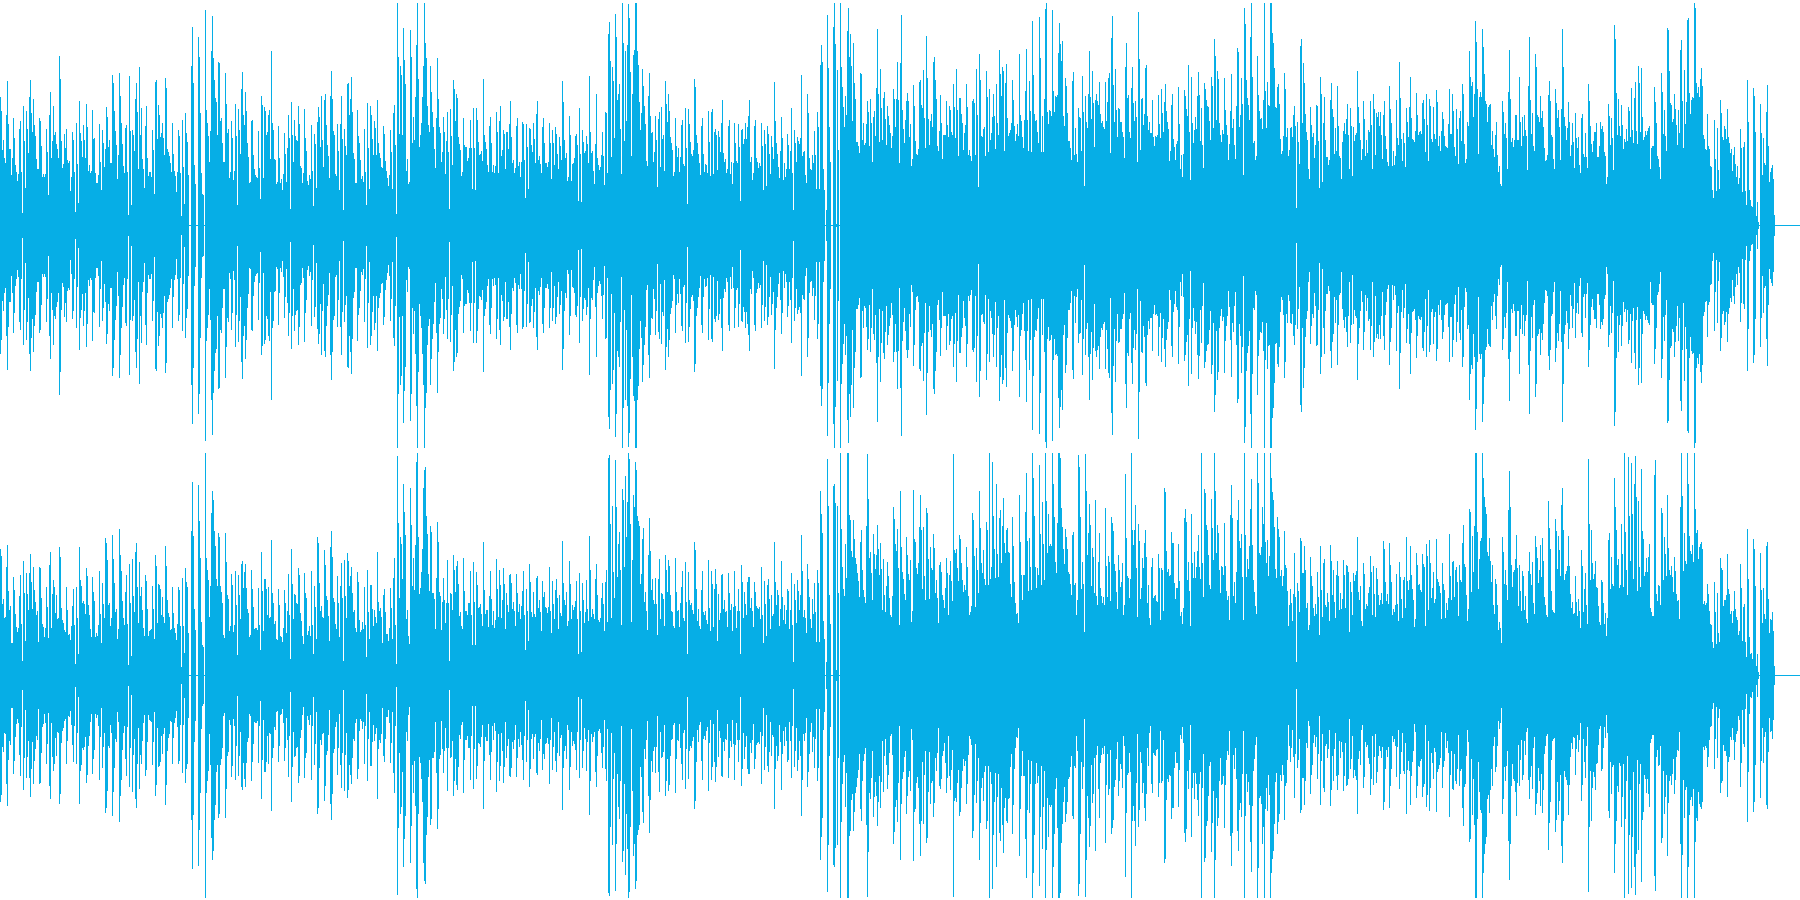 軽快で後半に情緒のあるメロディーが来る曲の再生済みの波形